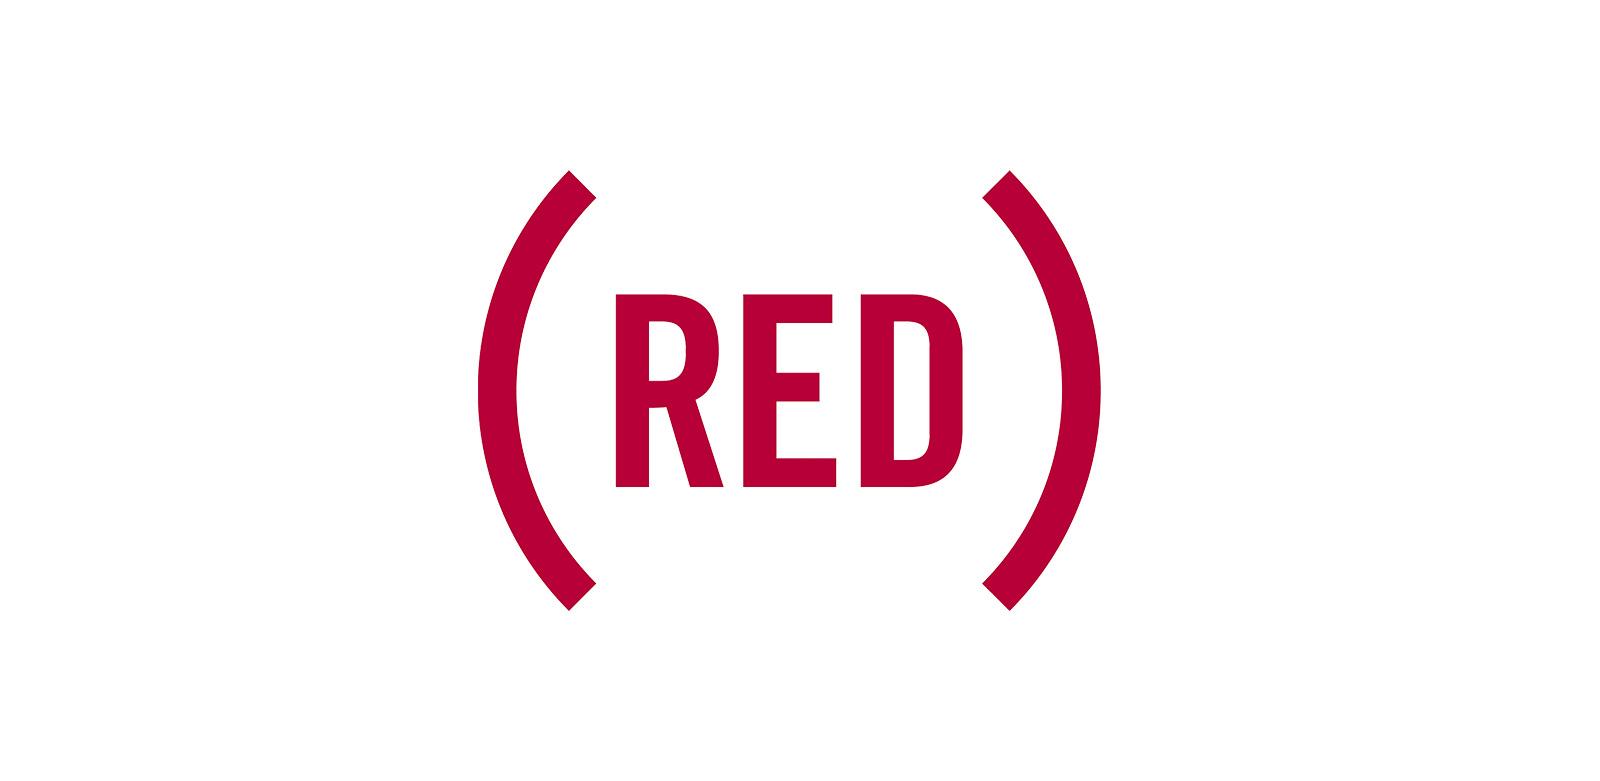 RED Company Logo